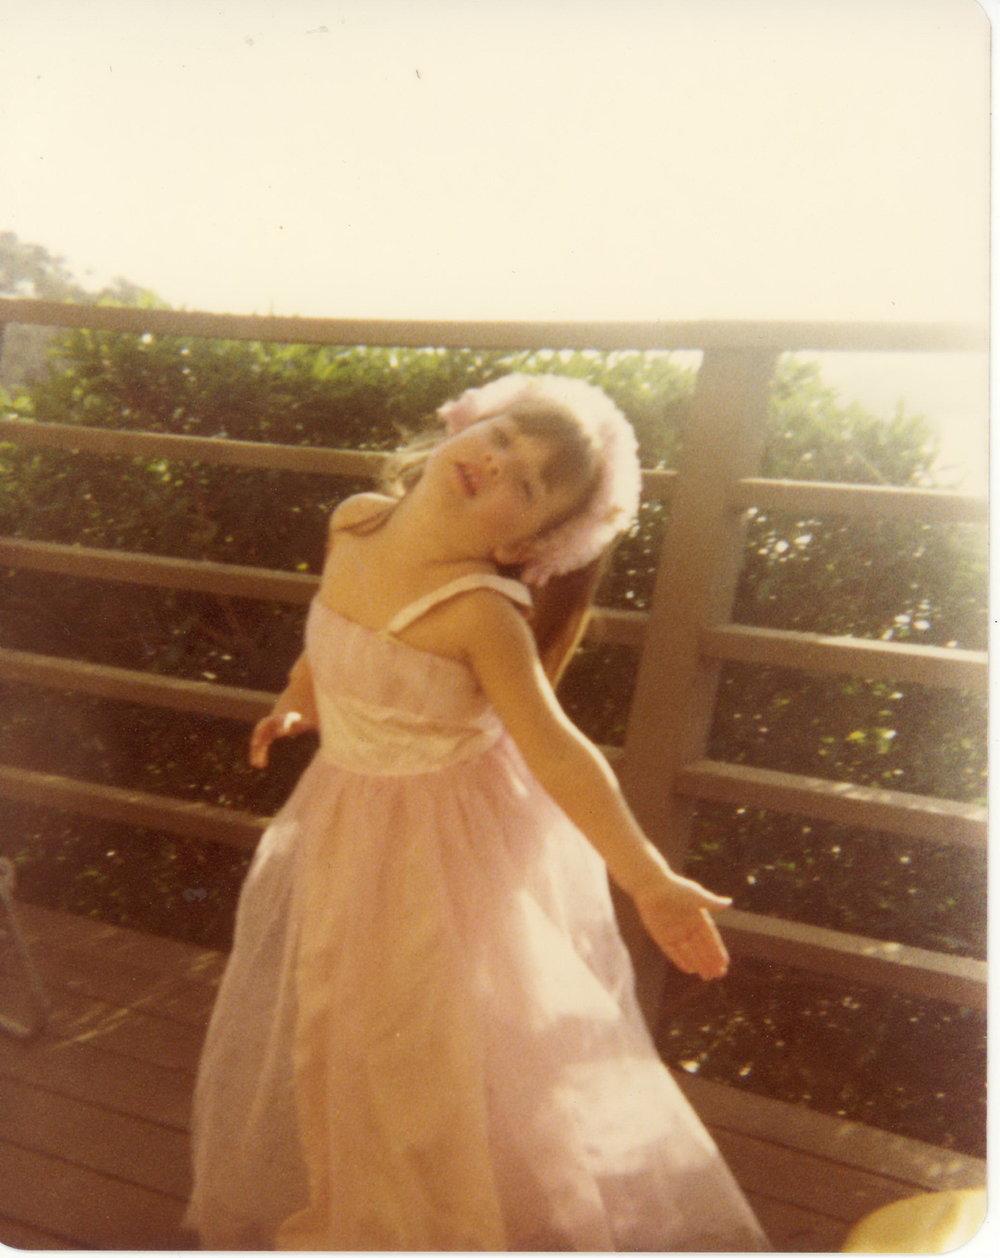 Kaz, Age 4